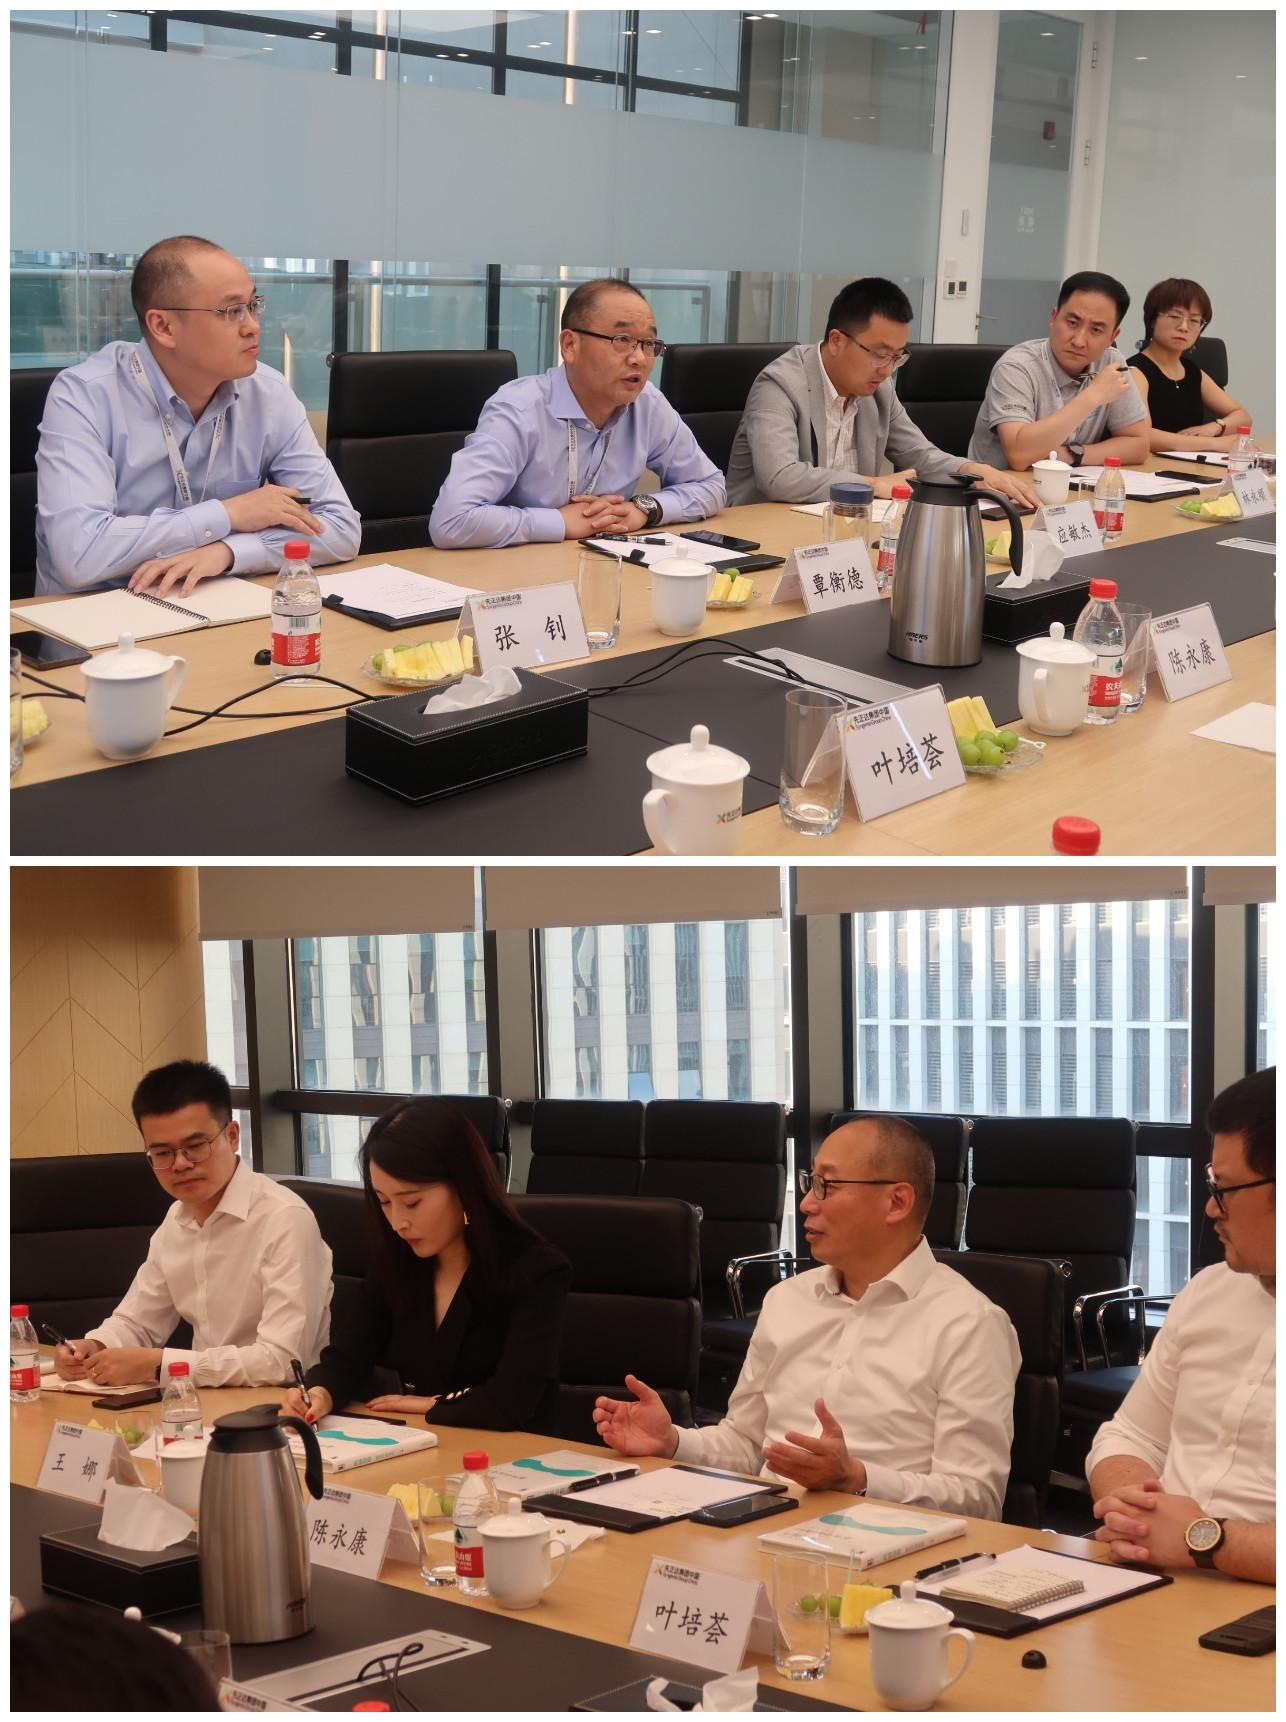 果蔬巨头都乐与先正达集团中国MAP签署战略合作协议